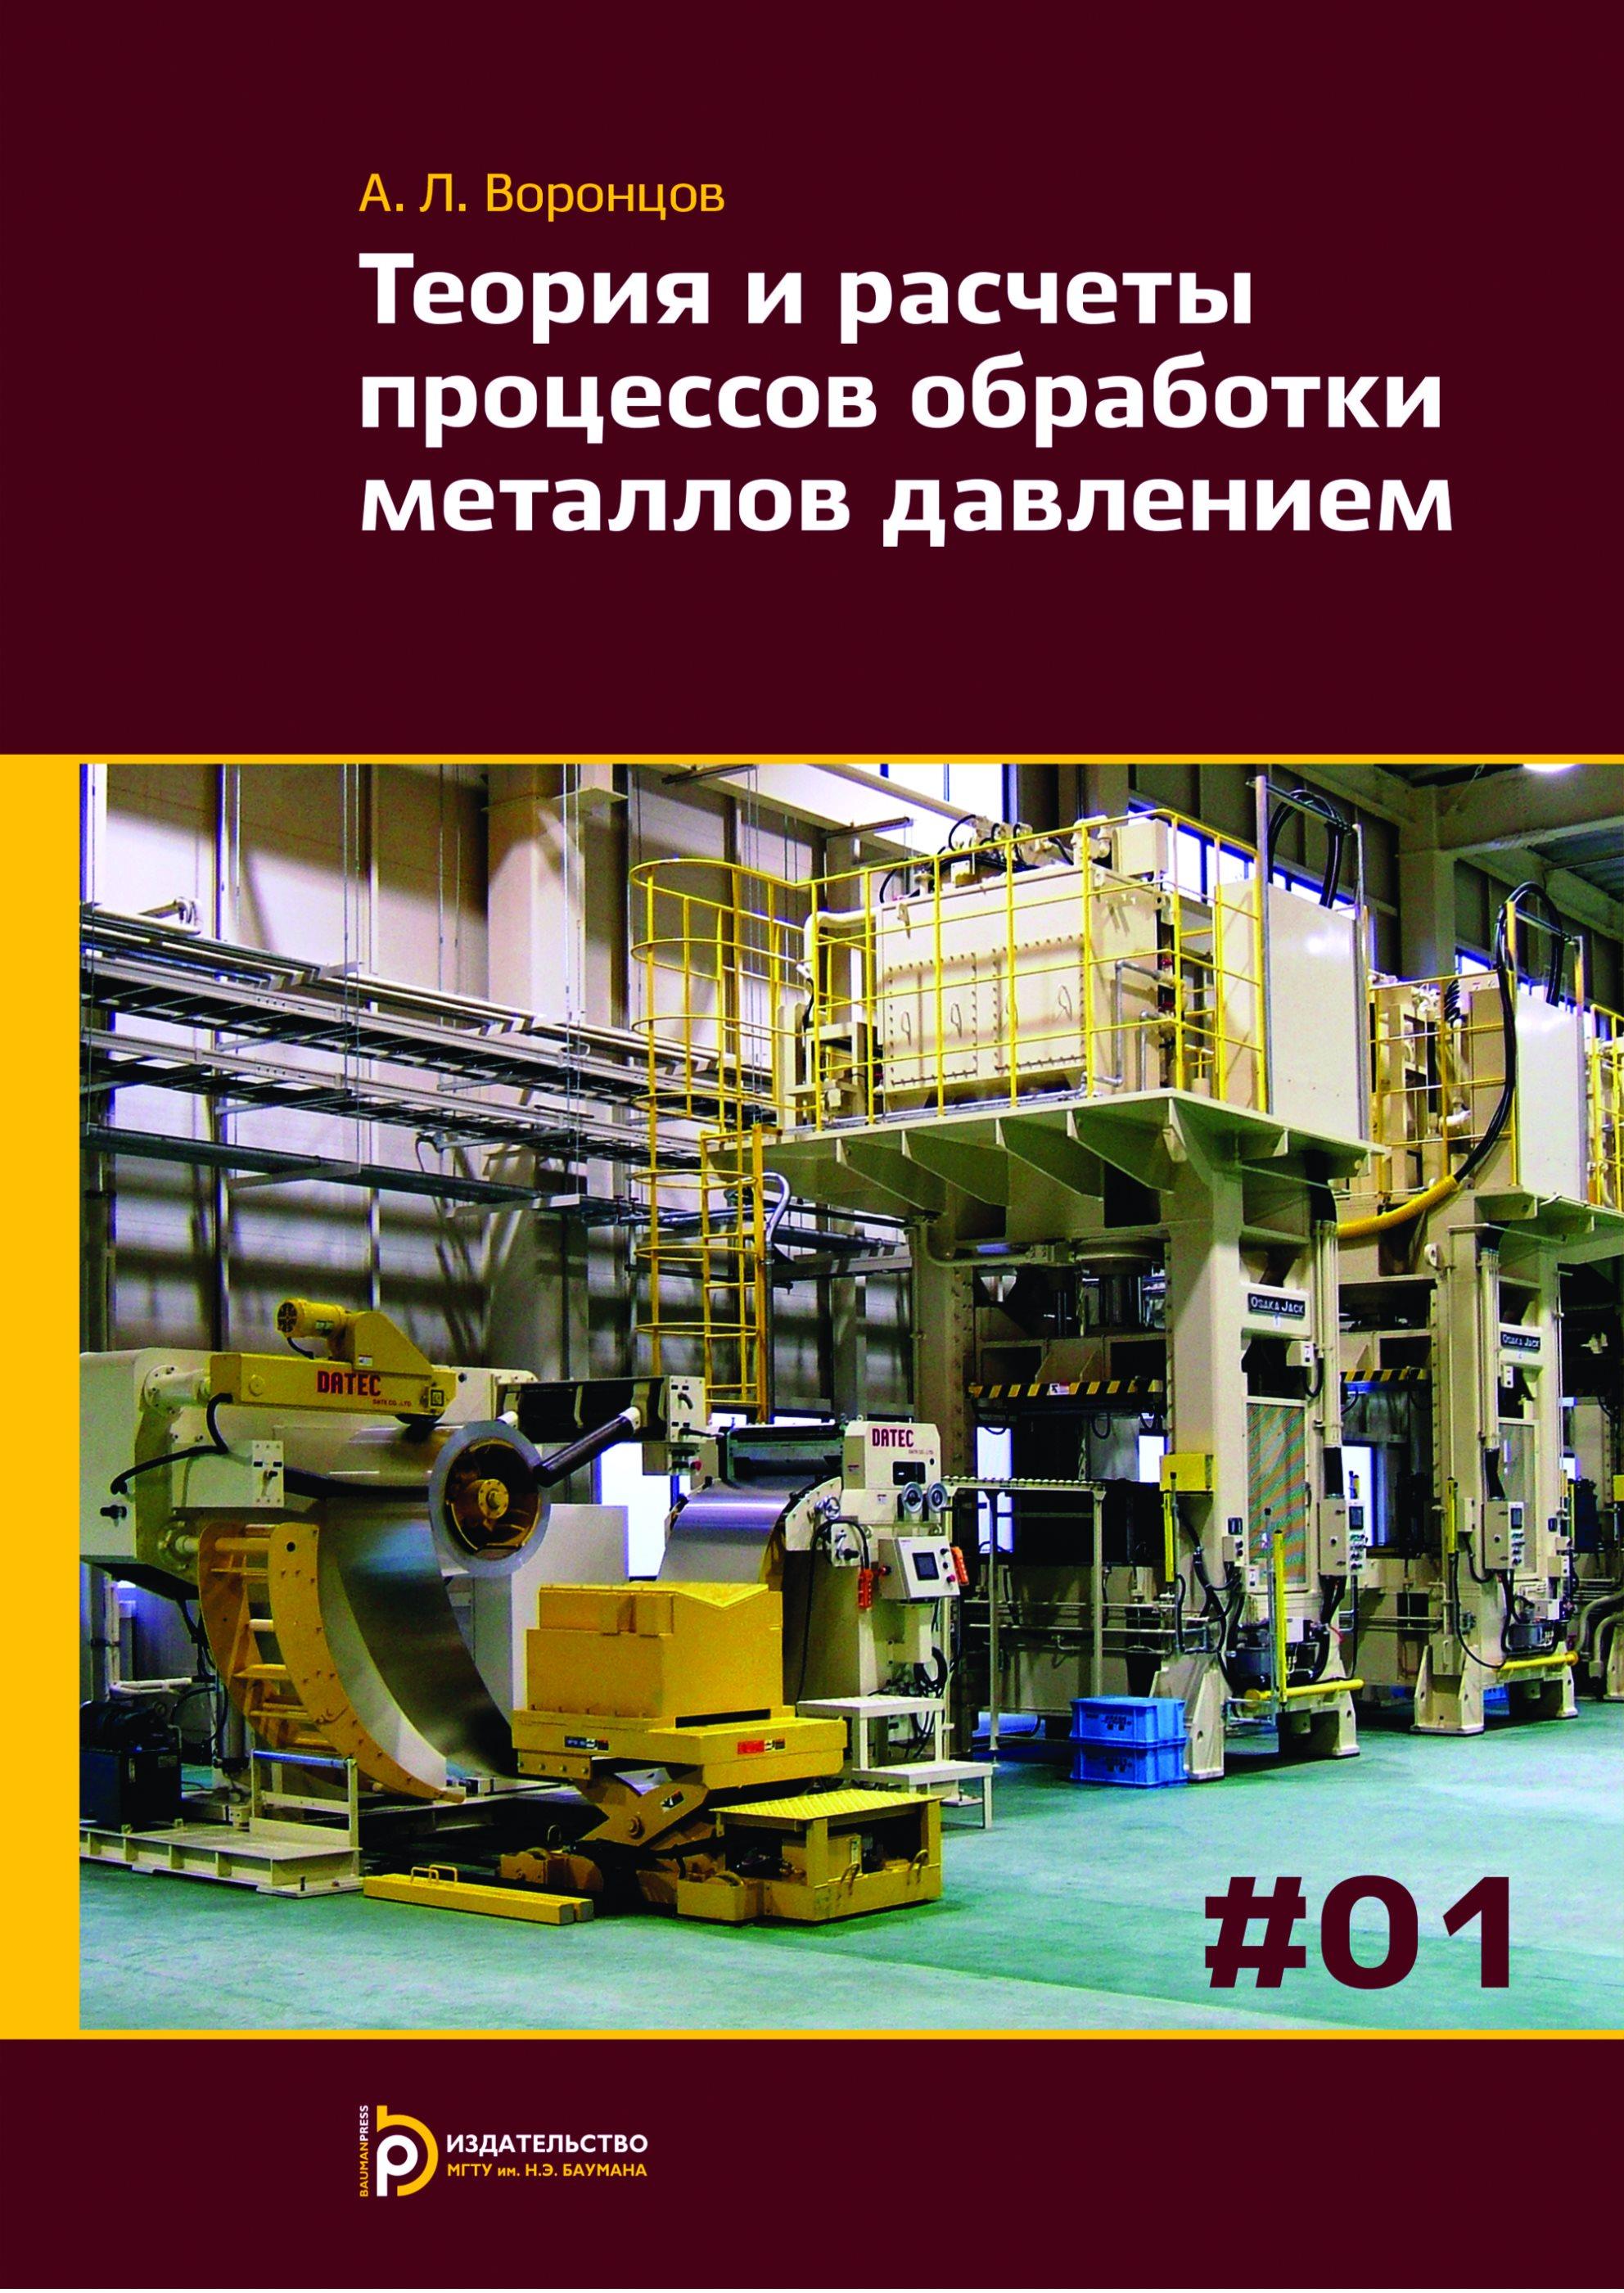 Фото - Андрей Воронцов Теория и расчеты процессов обработки металлов давлением. Том 1 л и живова машины и технология обработки металлов давлением